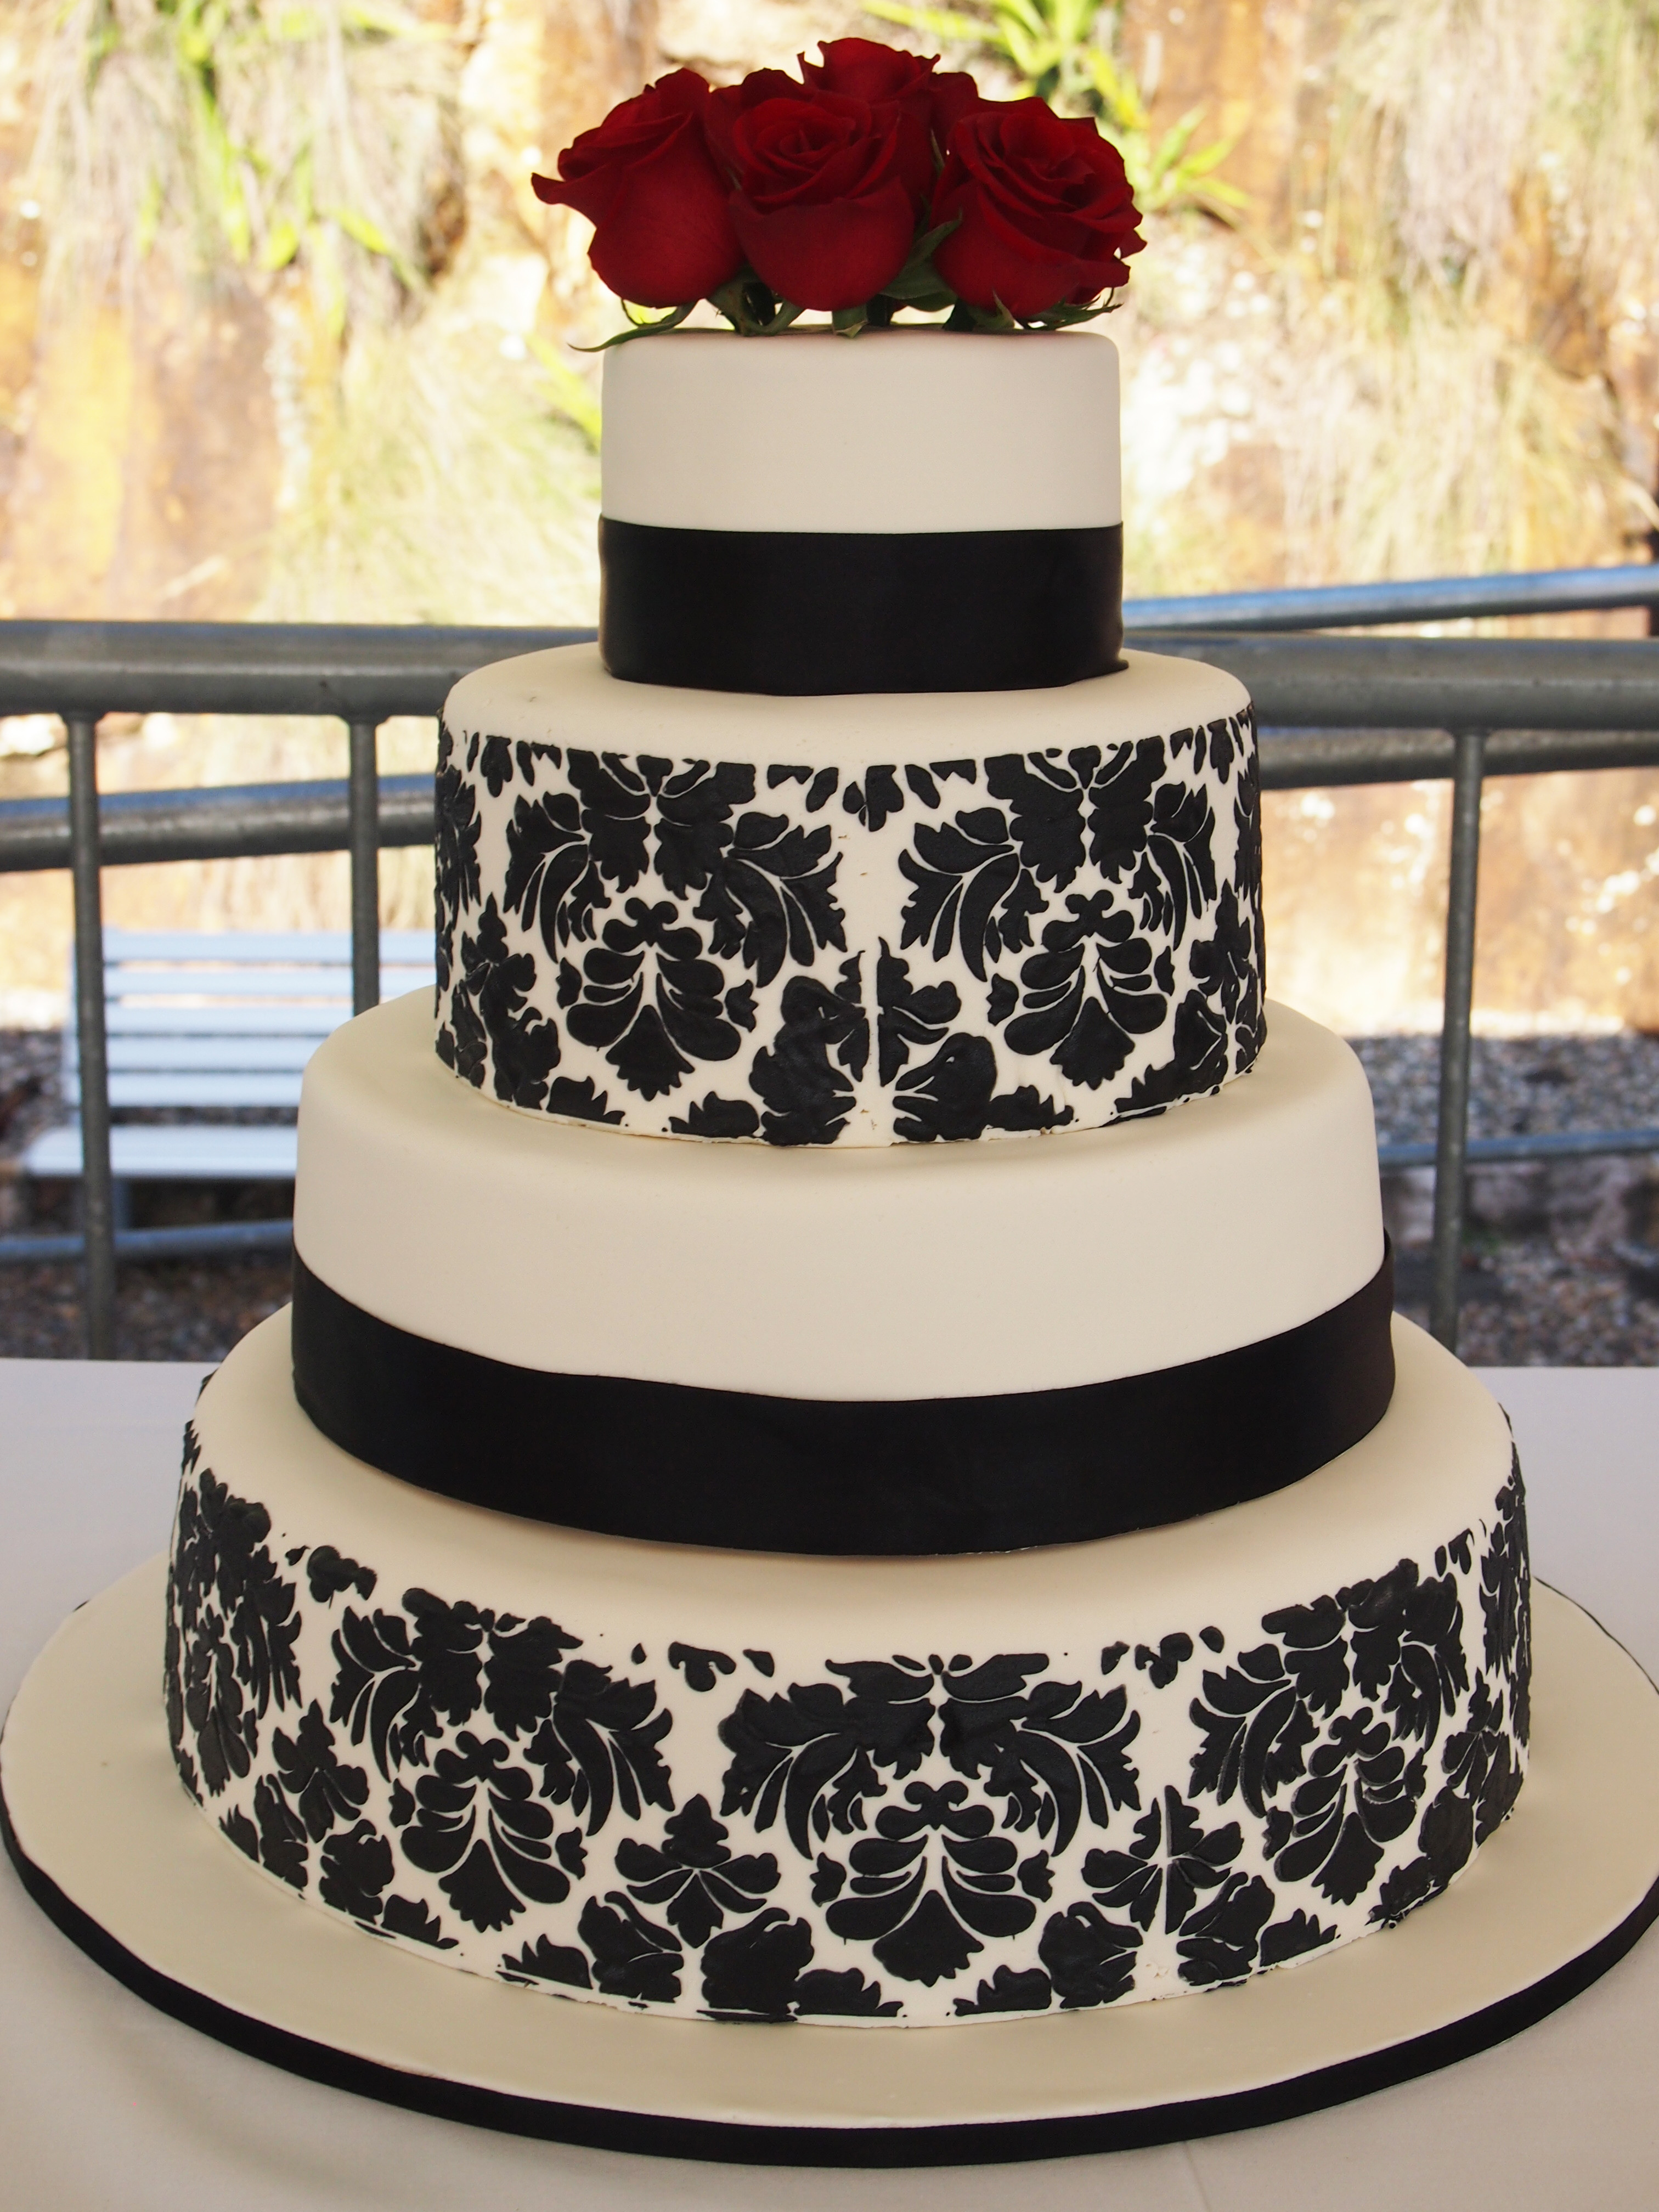 Damask Wedding Cakes  Black and White Damask Wedding Cake